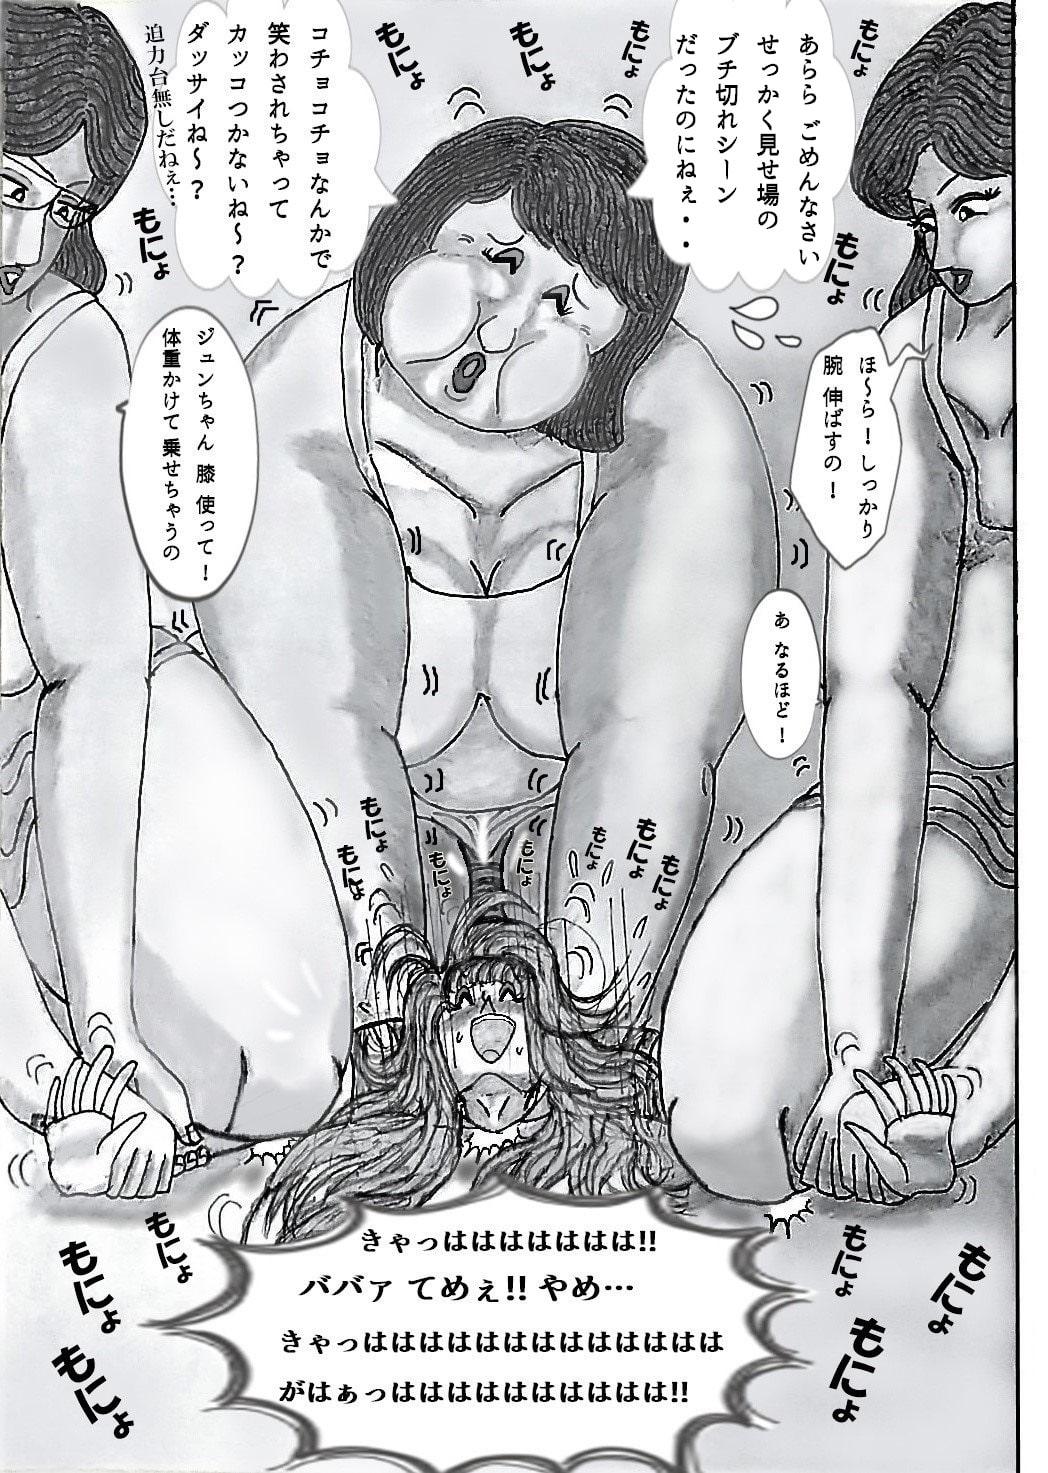 保母さん達のくすぐり地獄大作戦(4)のサンプル画像7